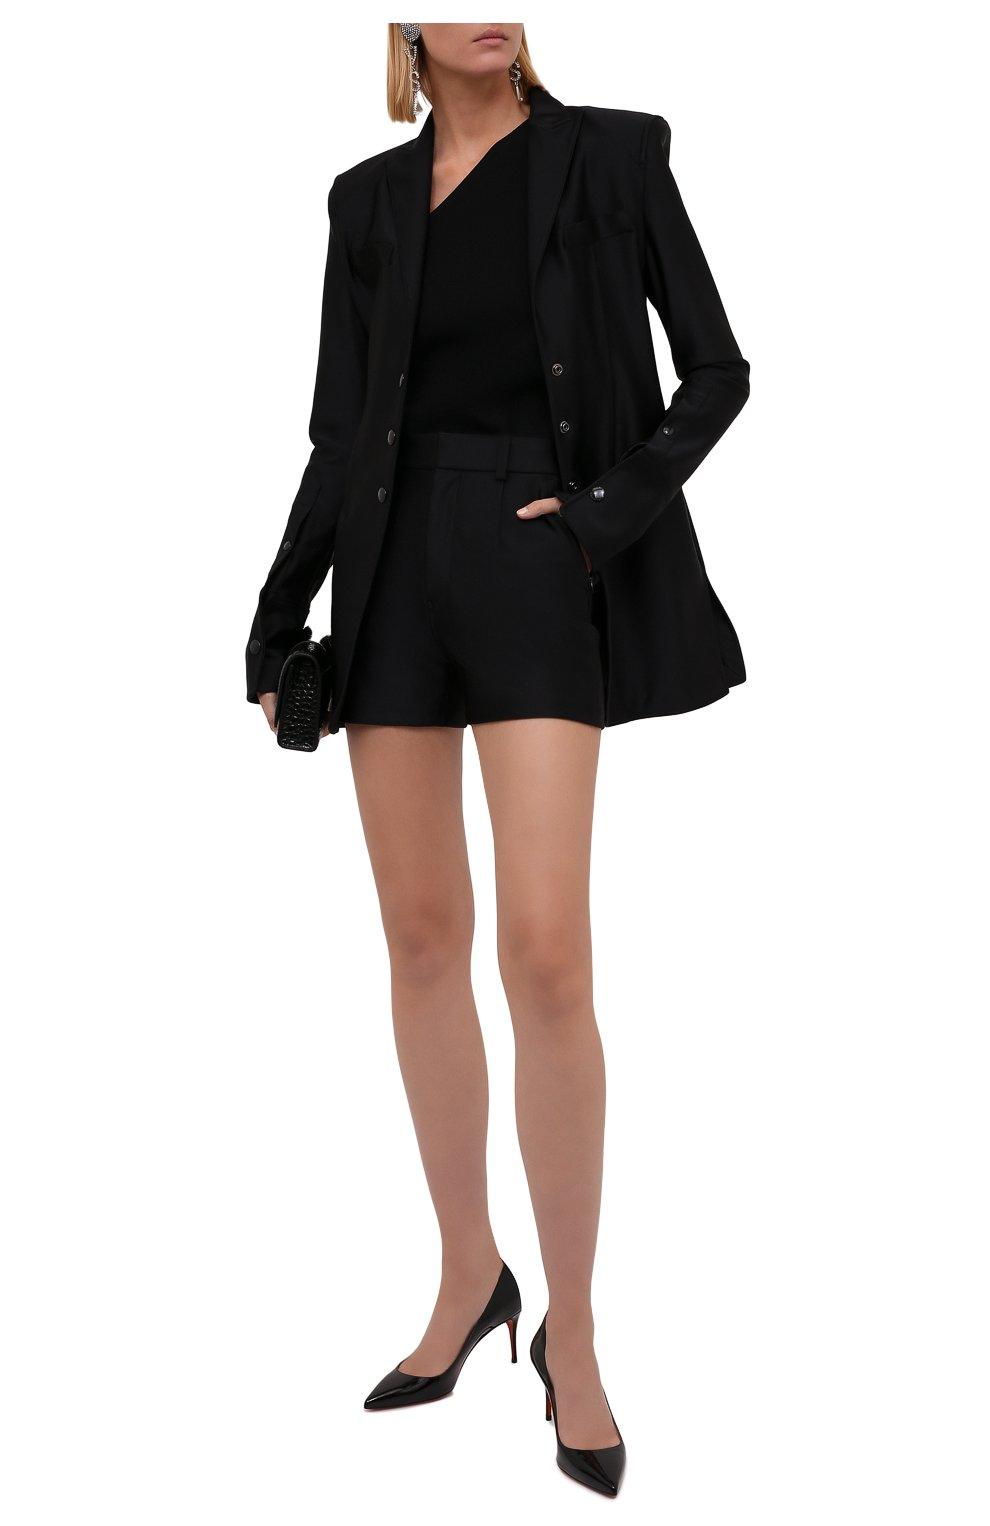 Женские шорты ALEXANDER WANG черного цвета, арт. 1CC3214379 | Фото 2 (Женское Кросс-КТ: Шорты-одежда; Длина Ж (юбки, платья, шорты): Мини; Материал внешний: Синтетический материал; Стили: Кэжуэл)